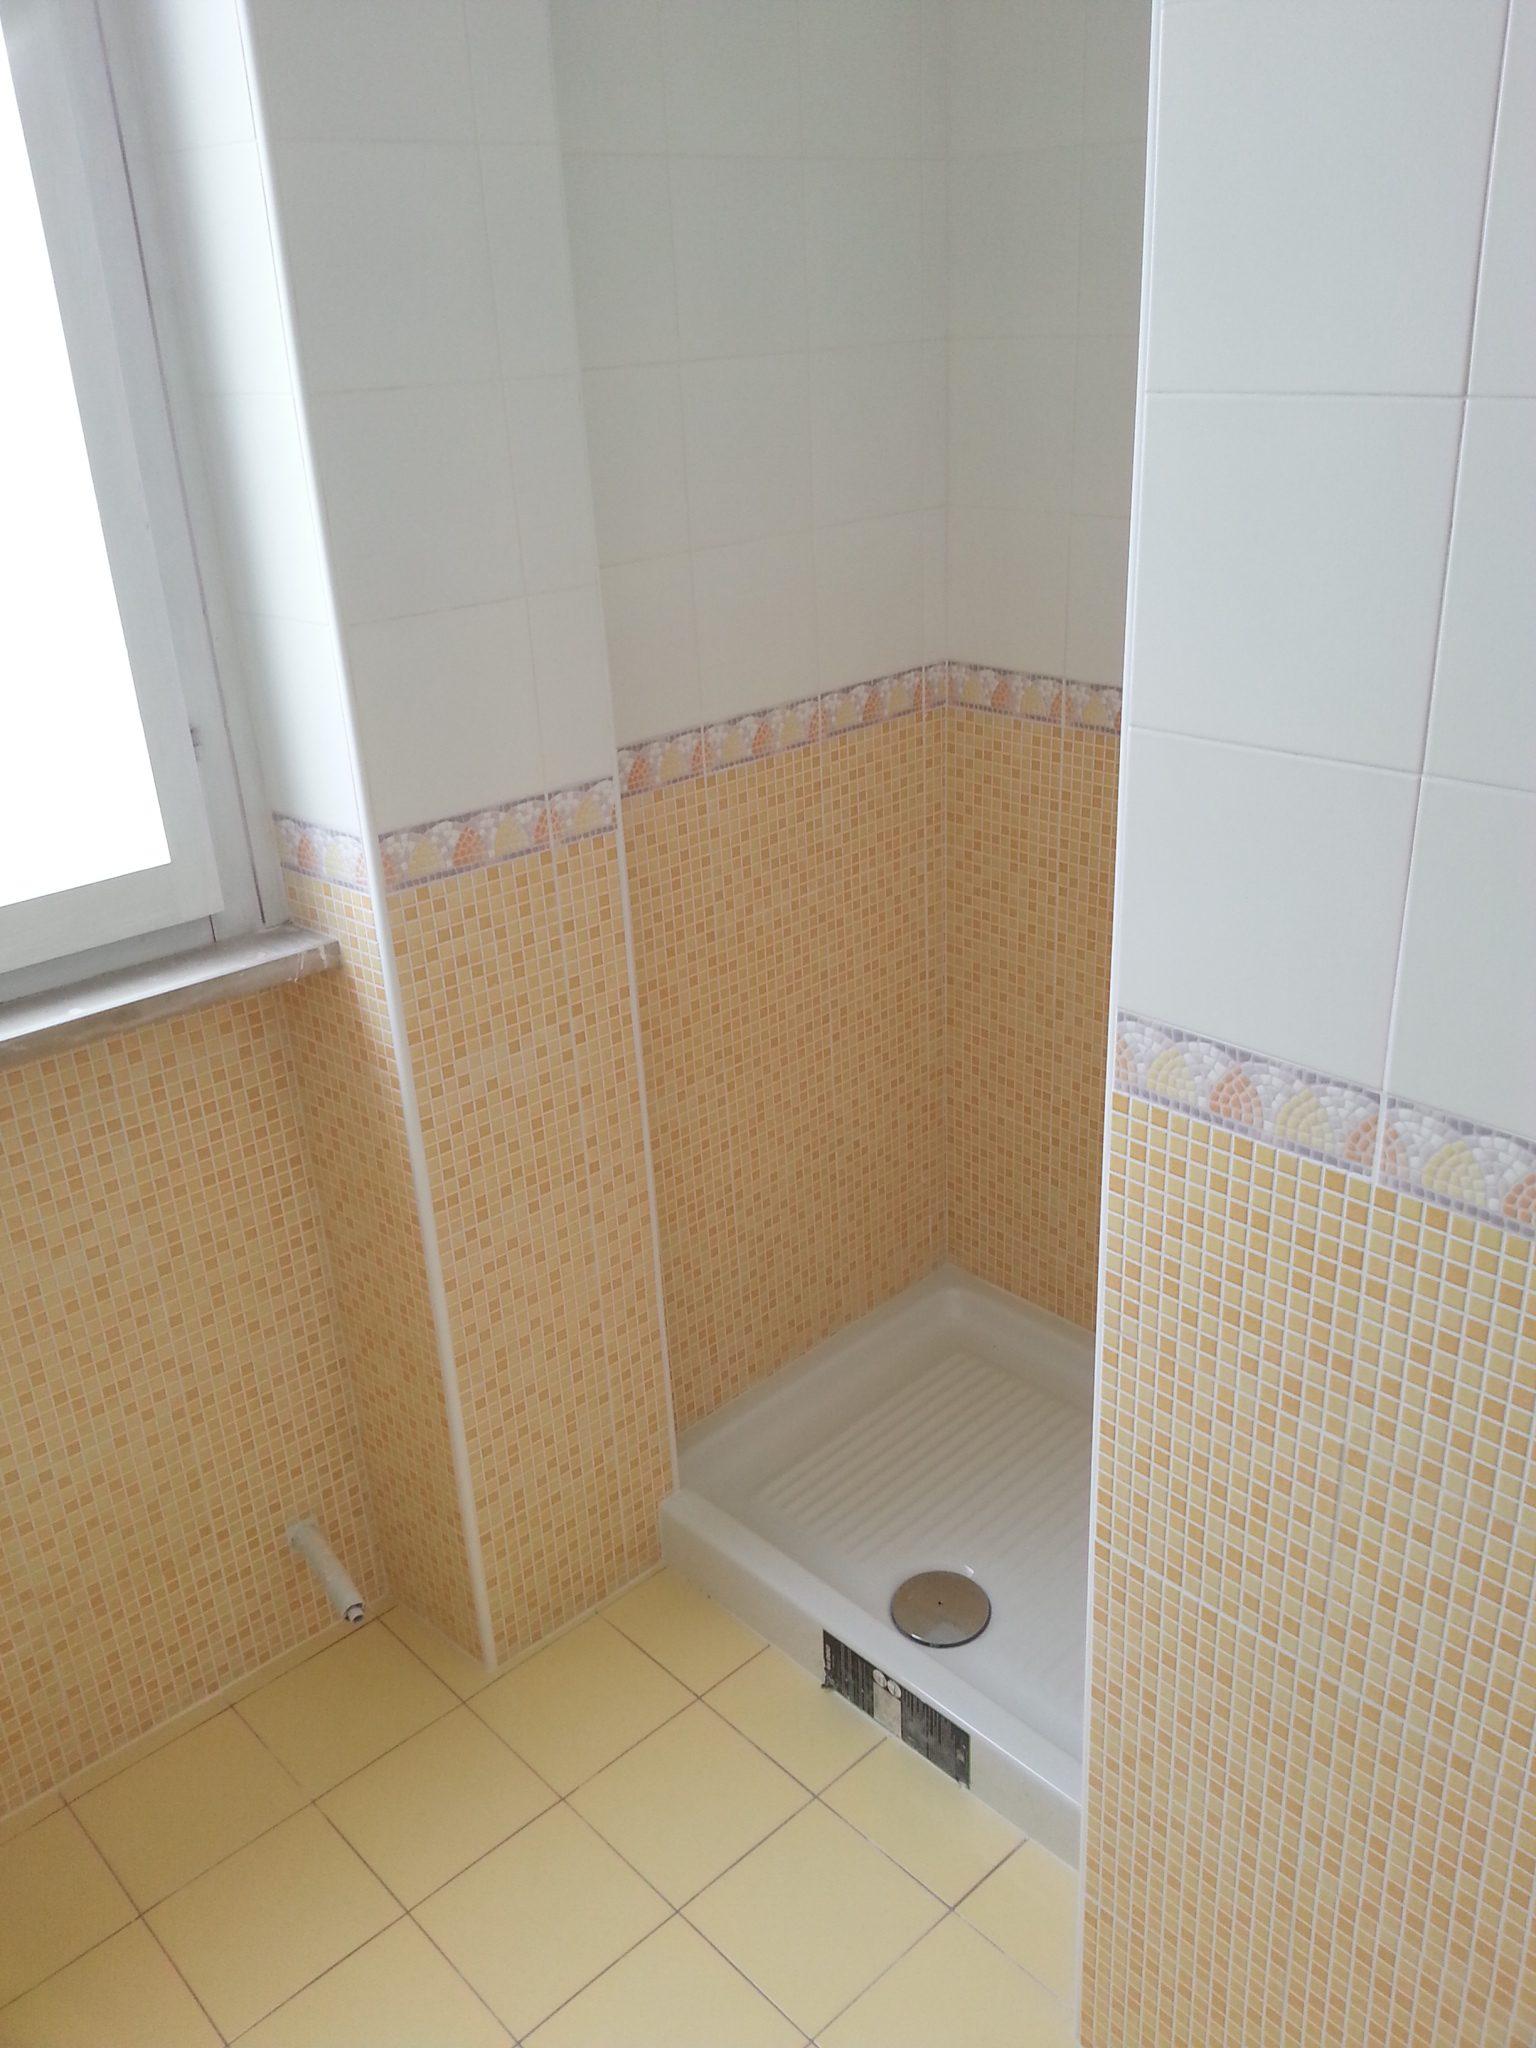 Pavimenti e rivestimenti decorazione morcianese - Greca per bagno ...